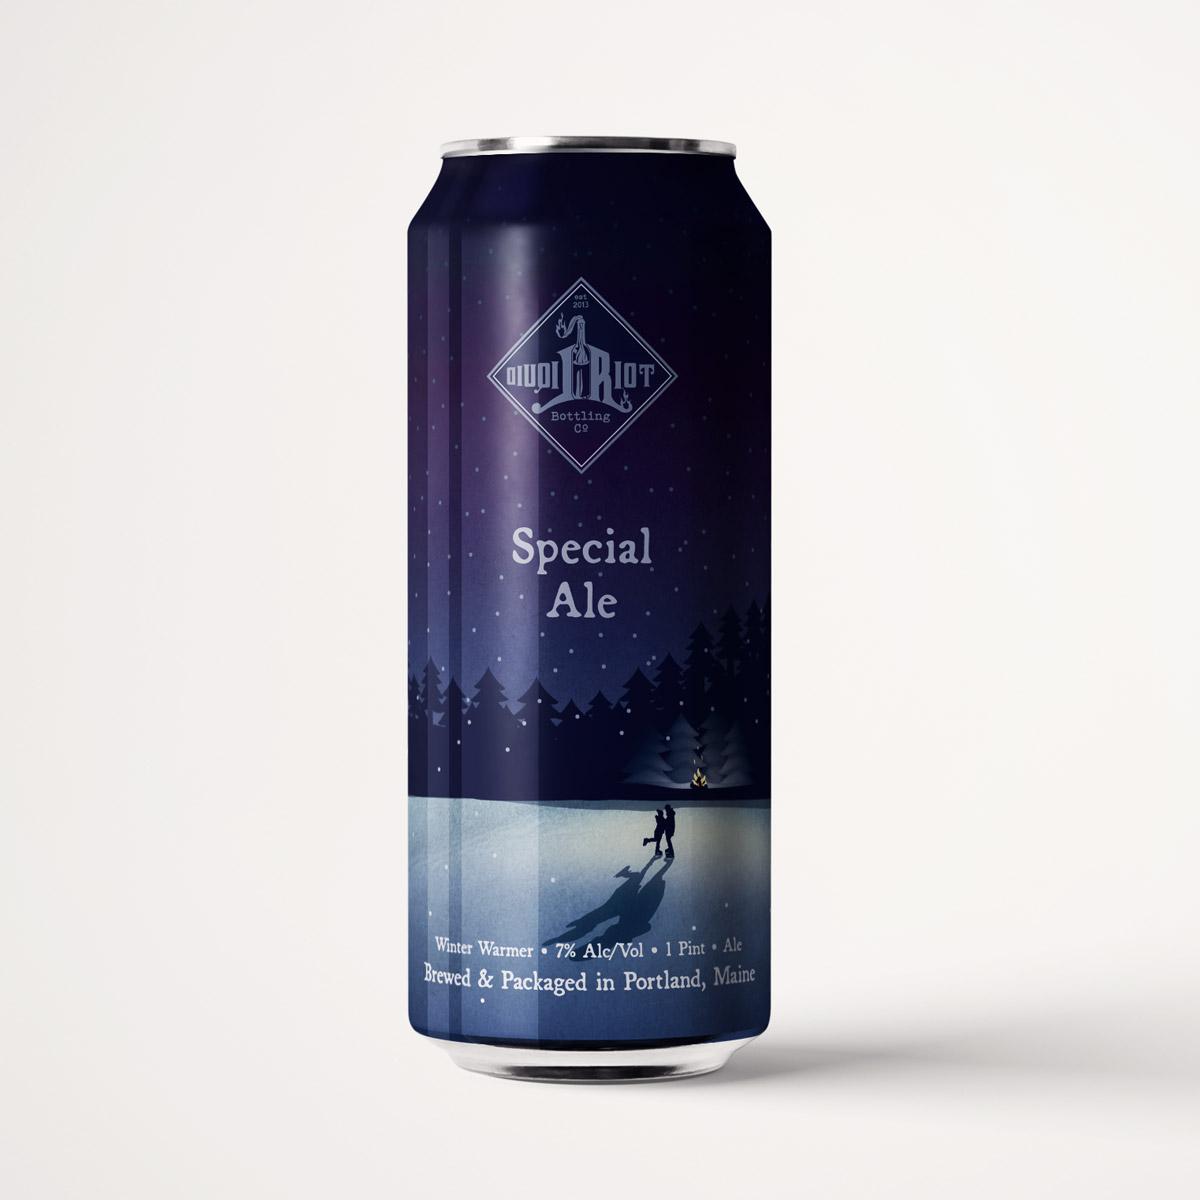 Liquid Riot – Special Ale